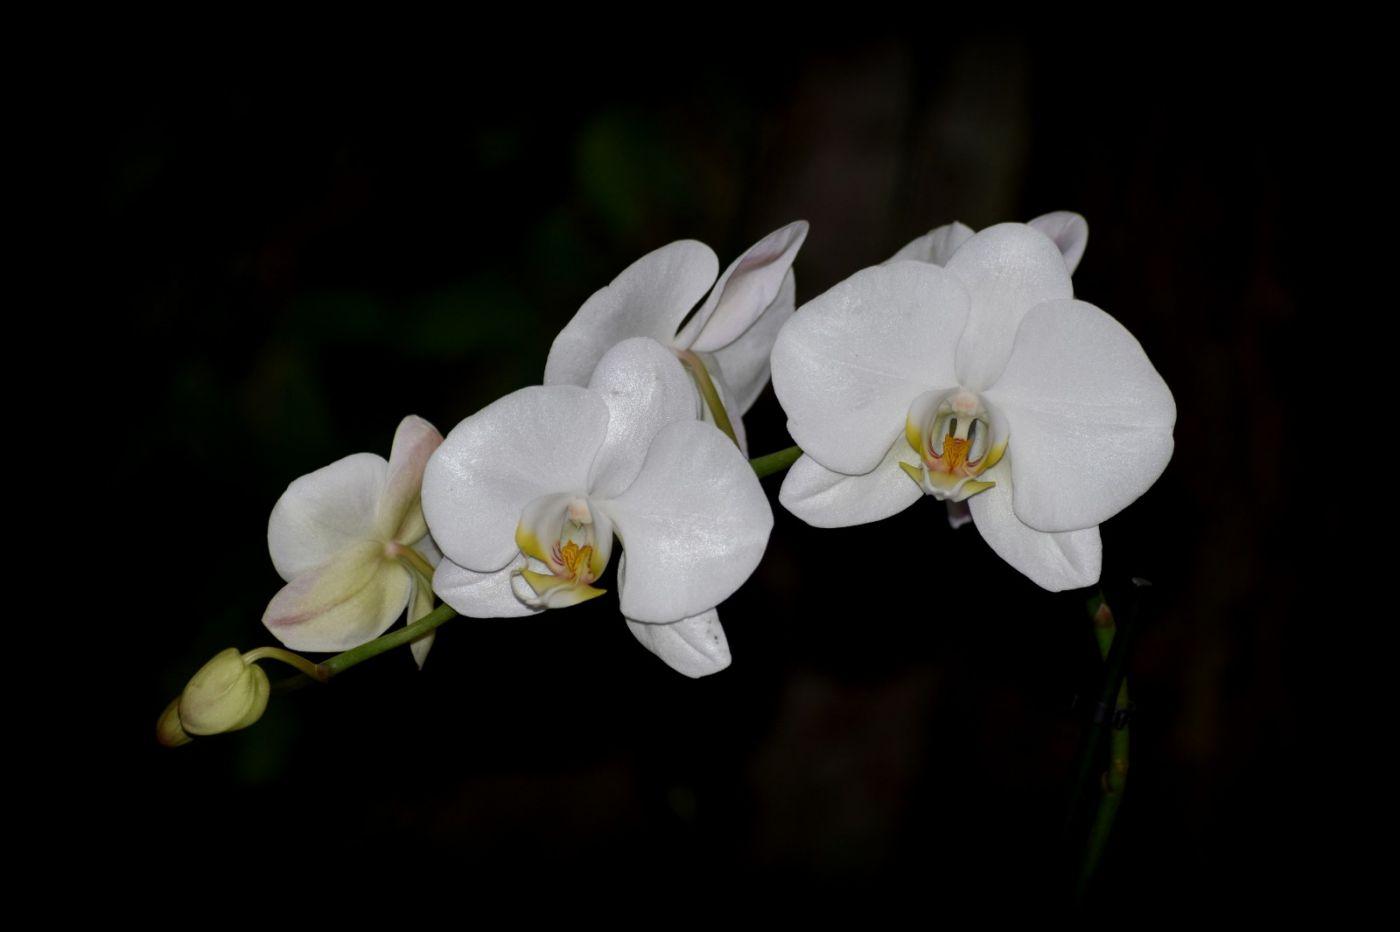 纽约植物园兰花展_图1-19